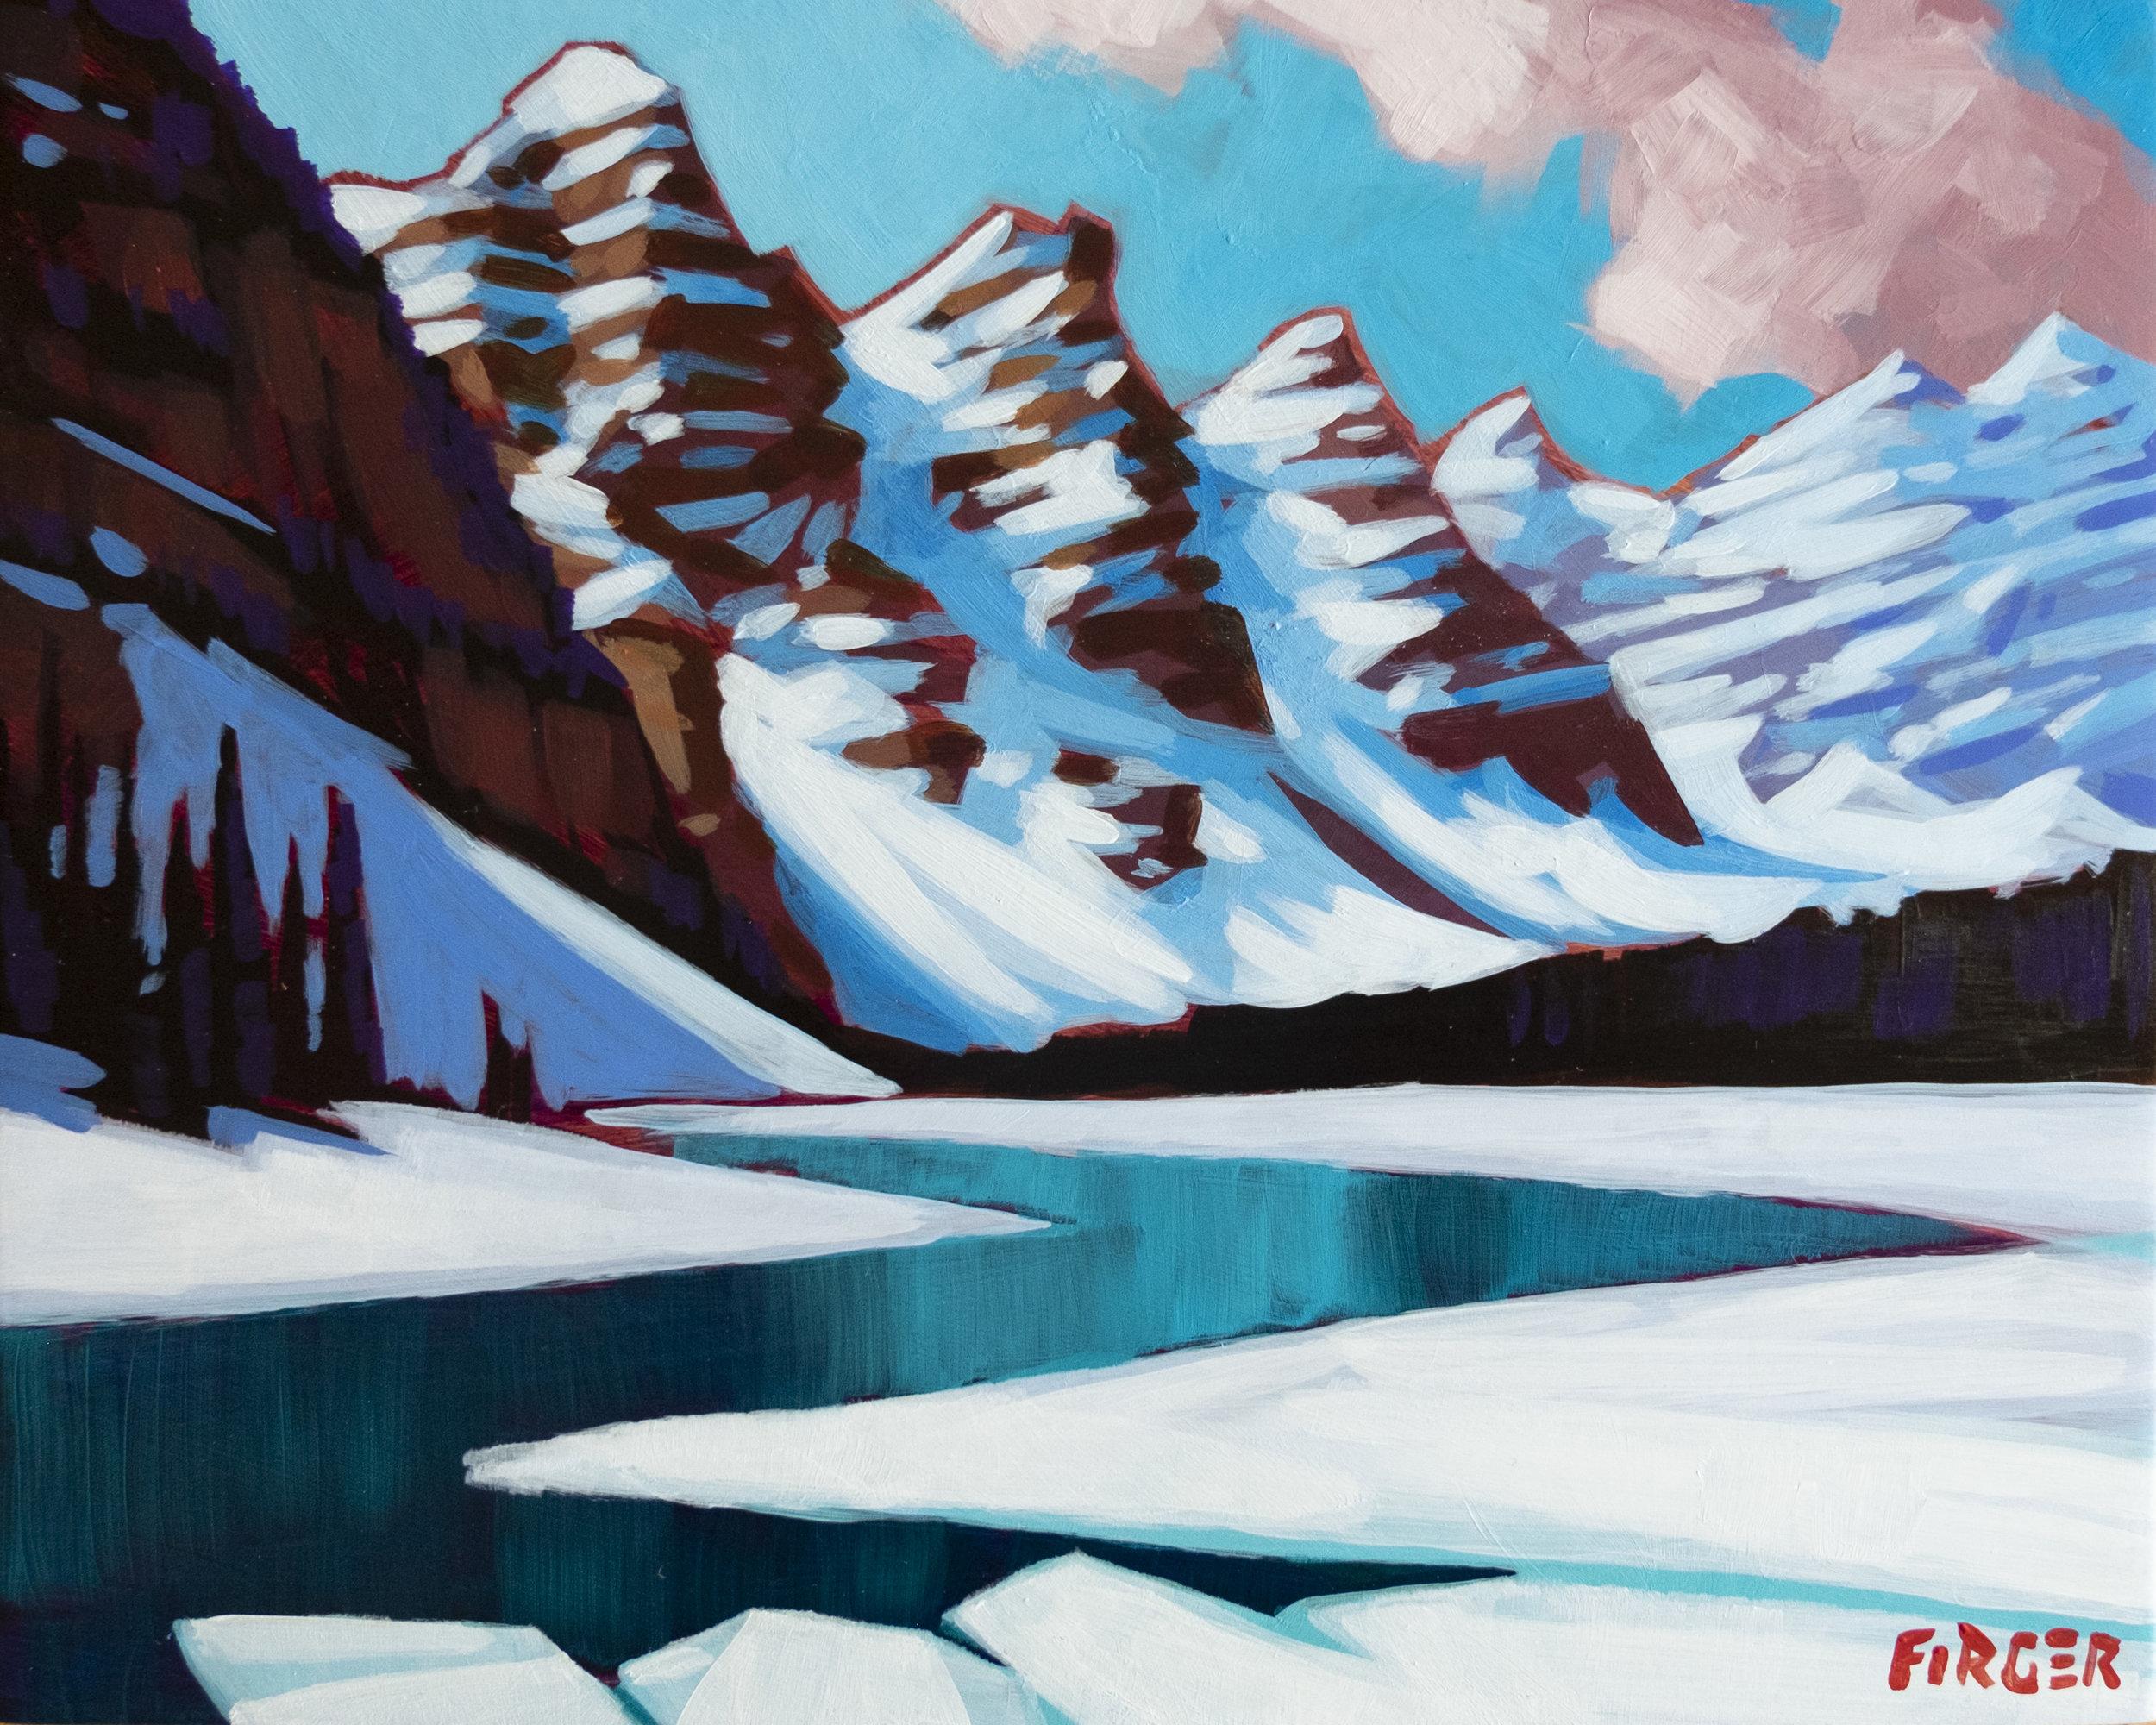 Mountain Geometry - 8 x 10, Acrylic on Panel